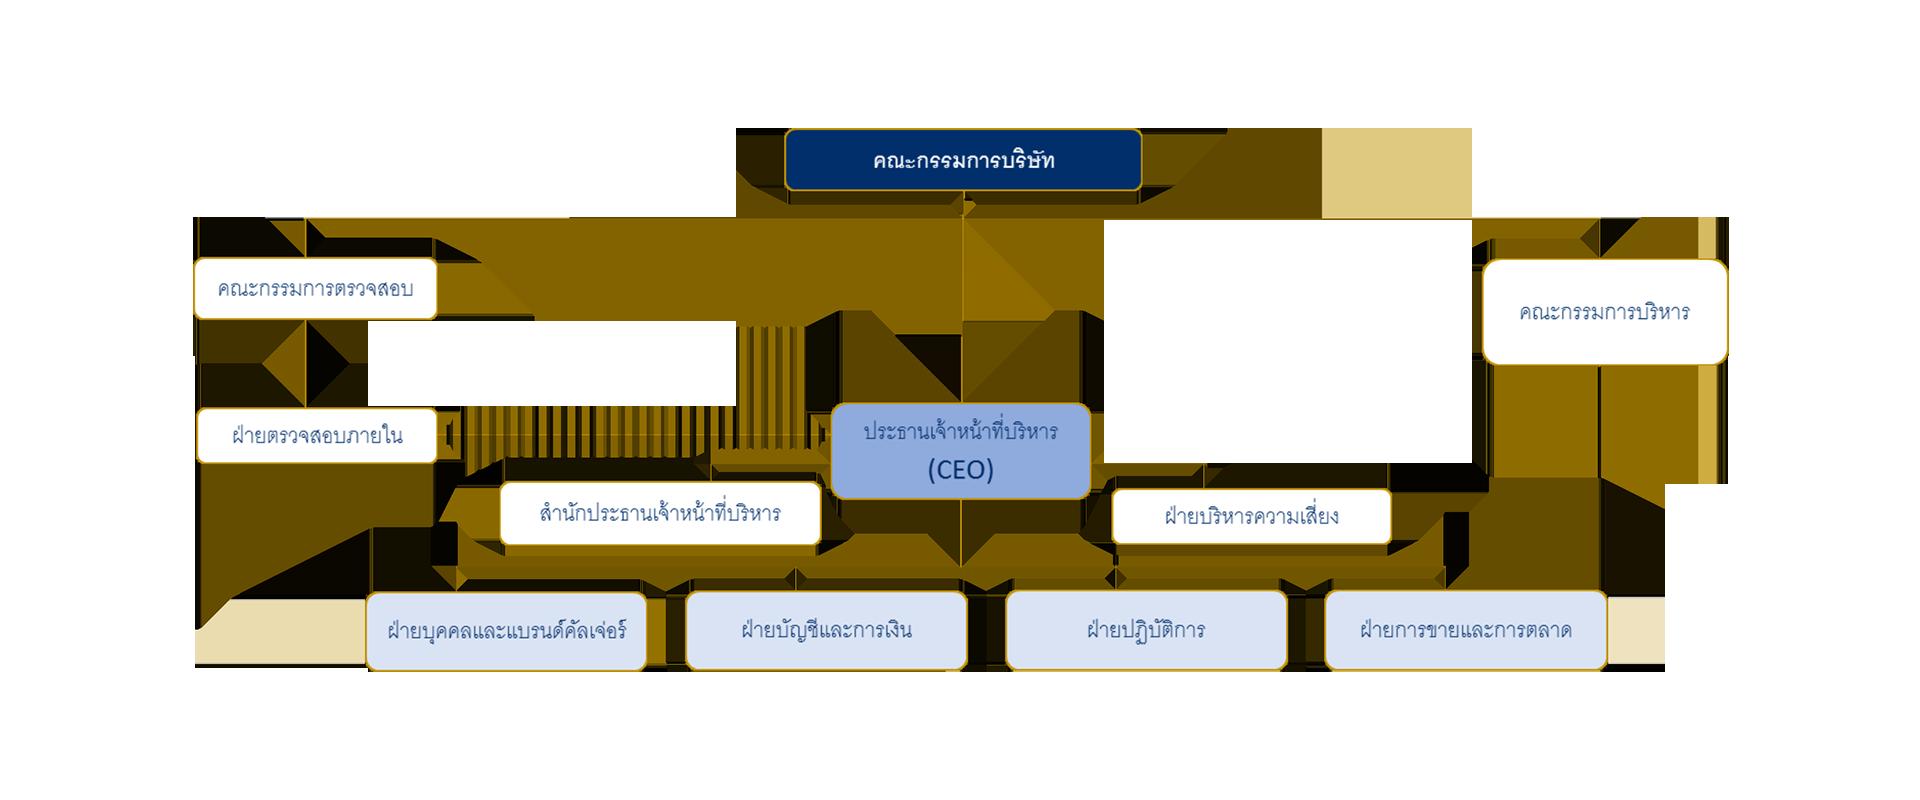 SHR Organization Structure